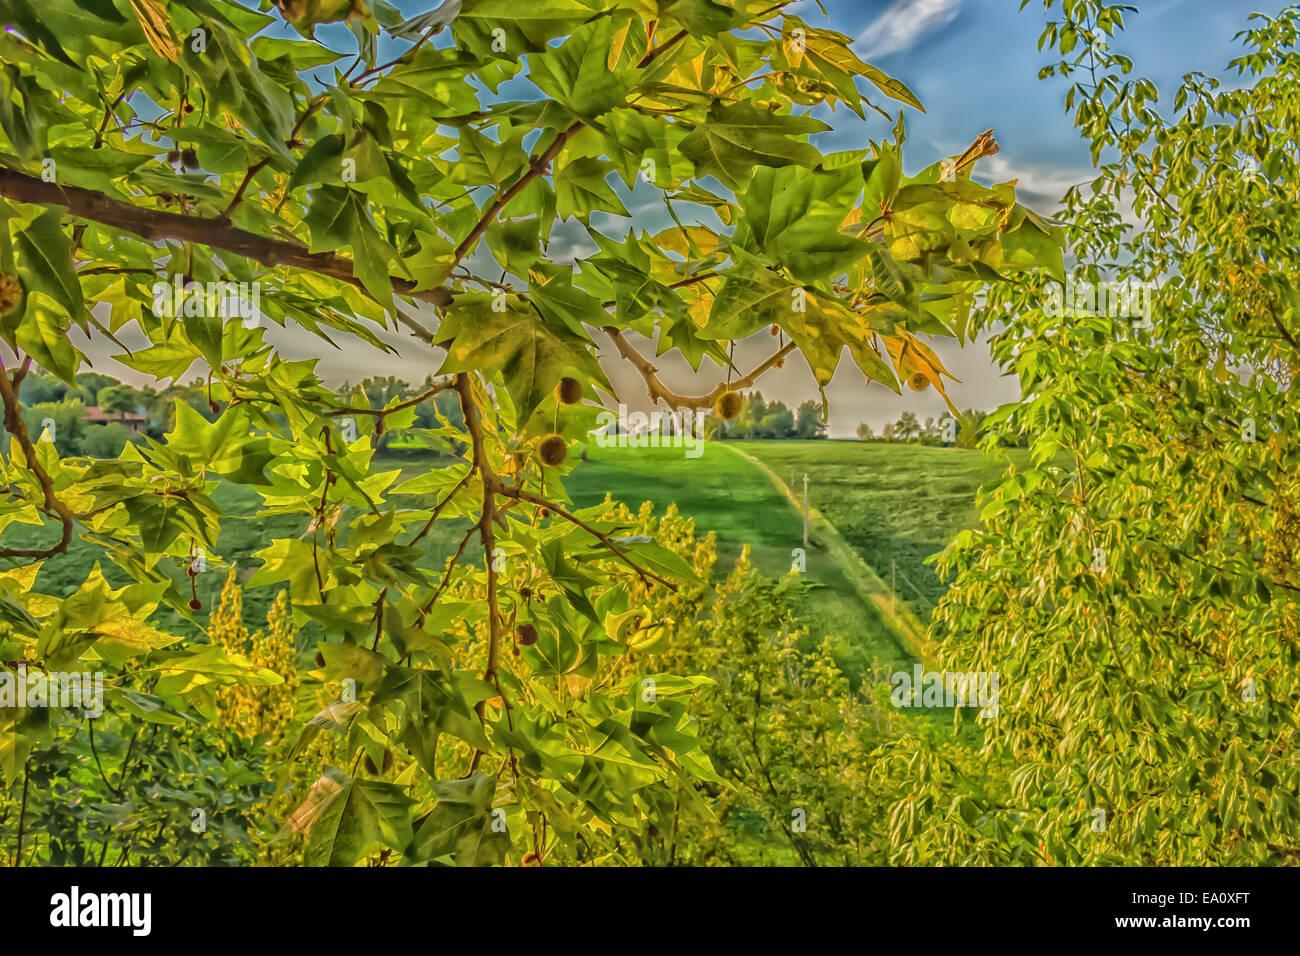 Immagini Di Piante E Alberi fiori, erbe infestanti verdi, foglie di piante e alberi su